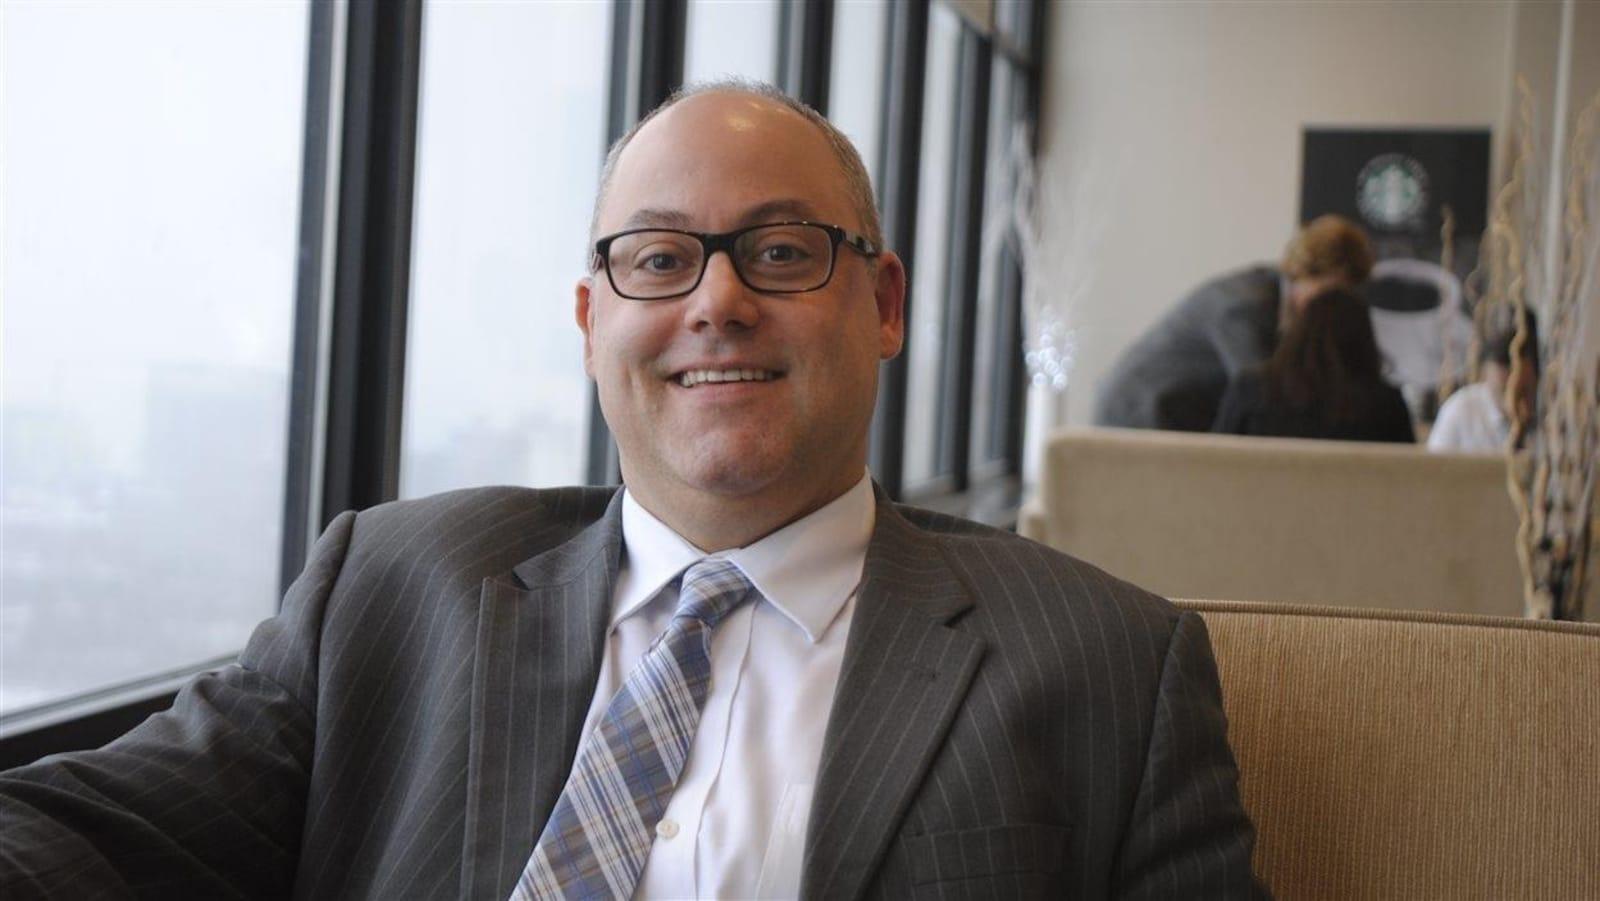 Marc Dumont, vêtu d'un veston et d'une cravate, sourit à la caméra.